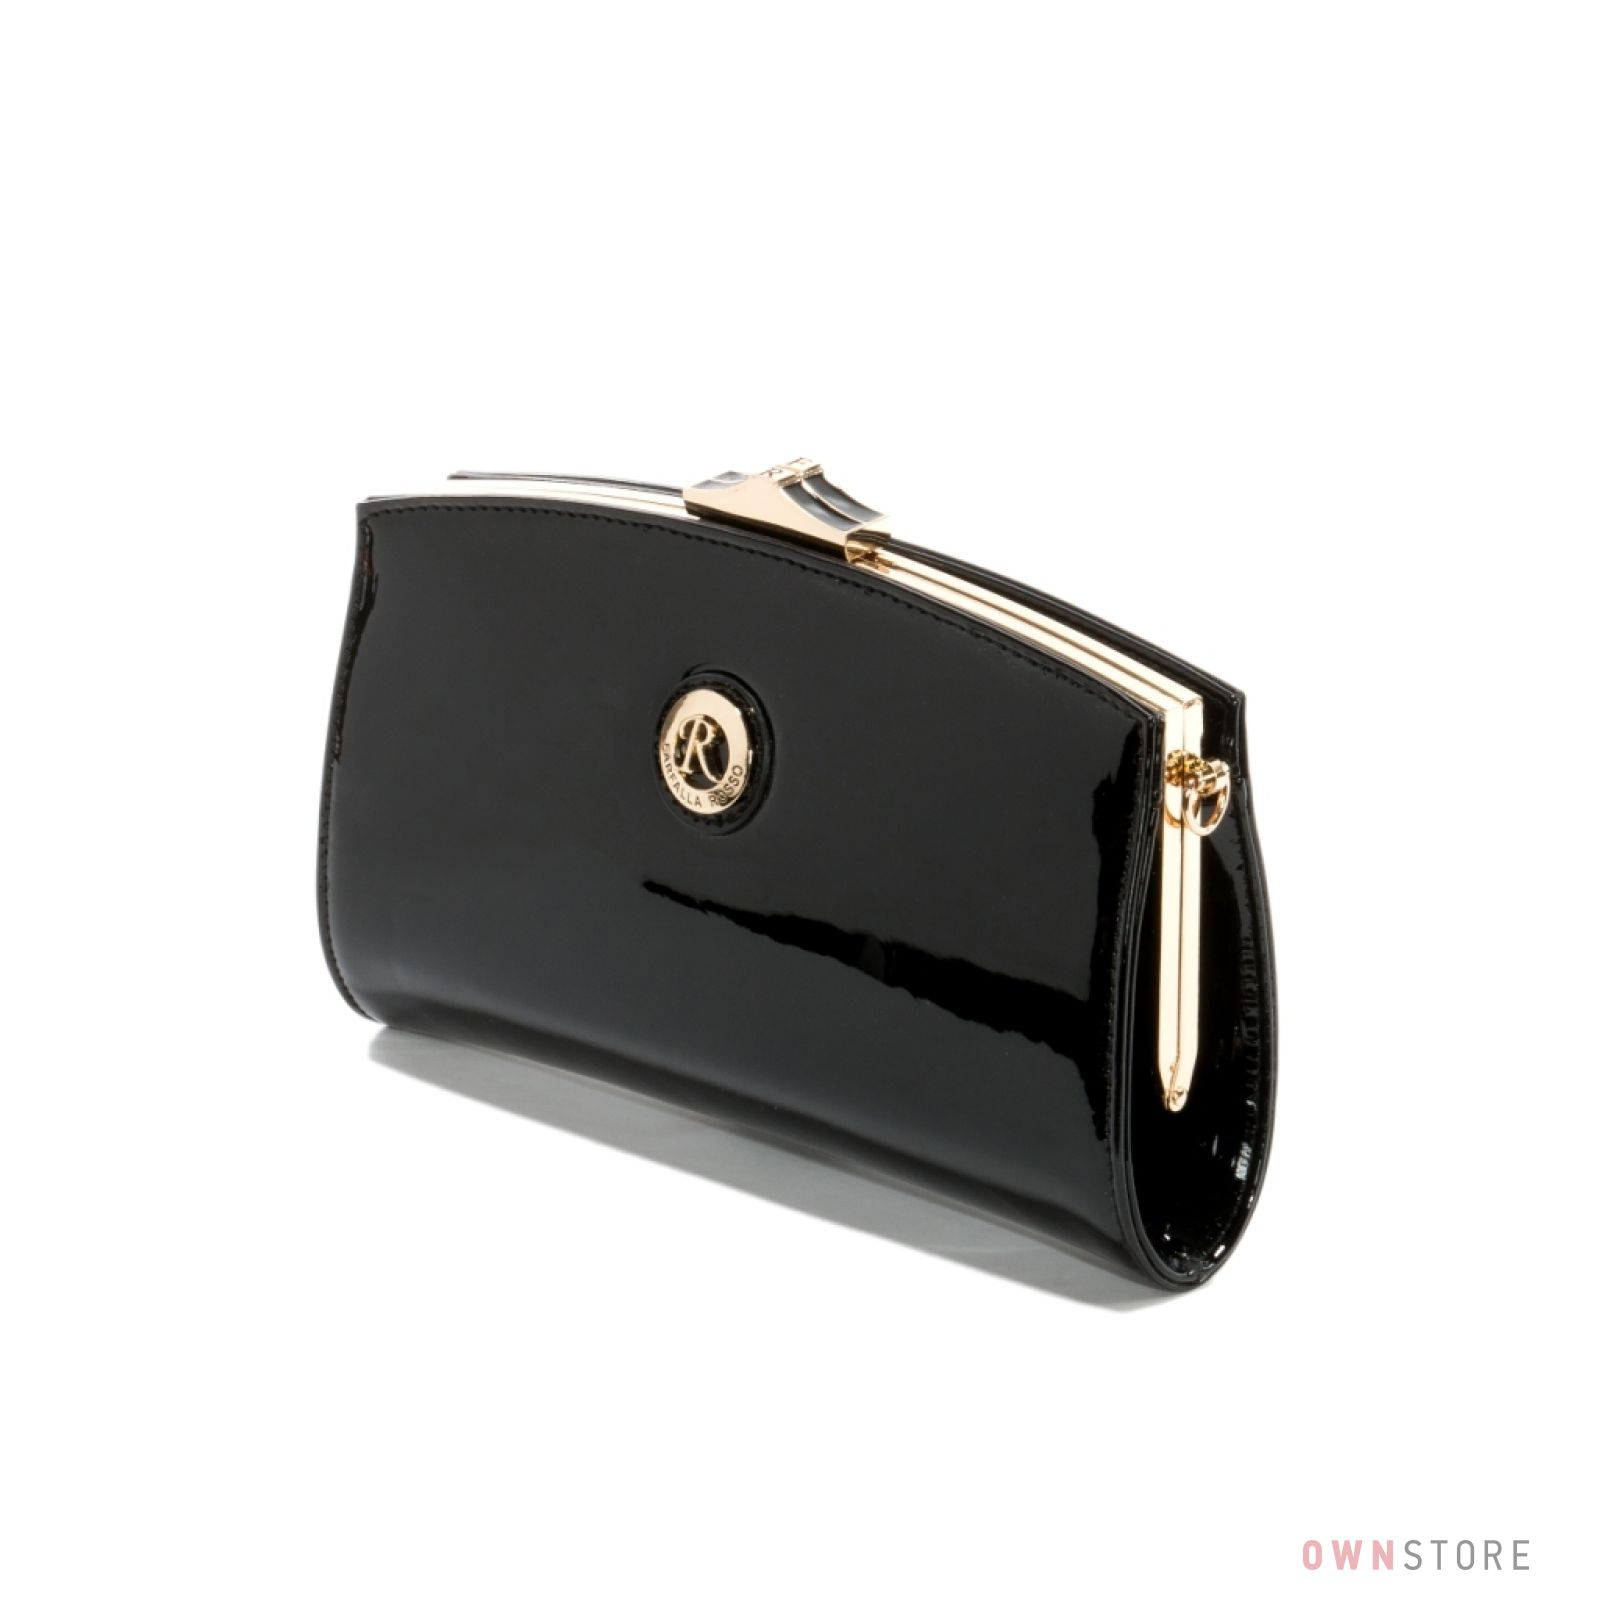 eabc891d9de0 Клатч женский Farfalla Rosso черный лаковый на цепочке купить в ...